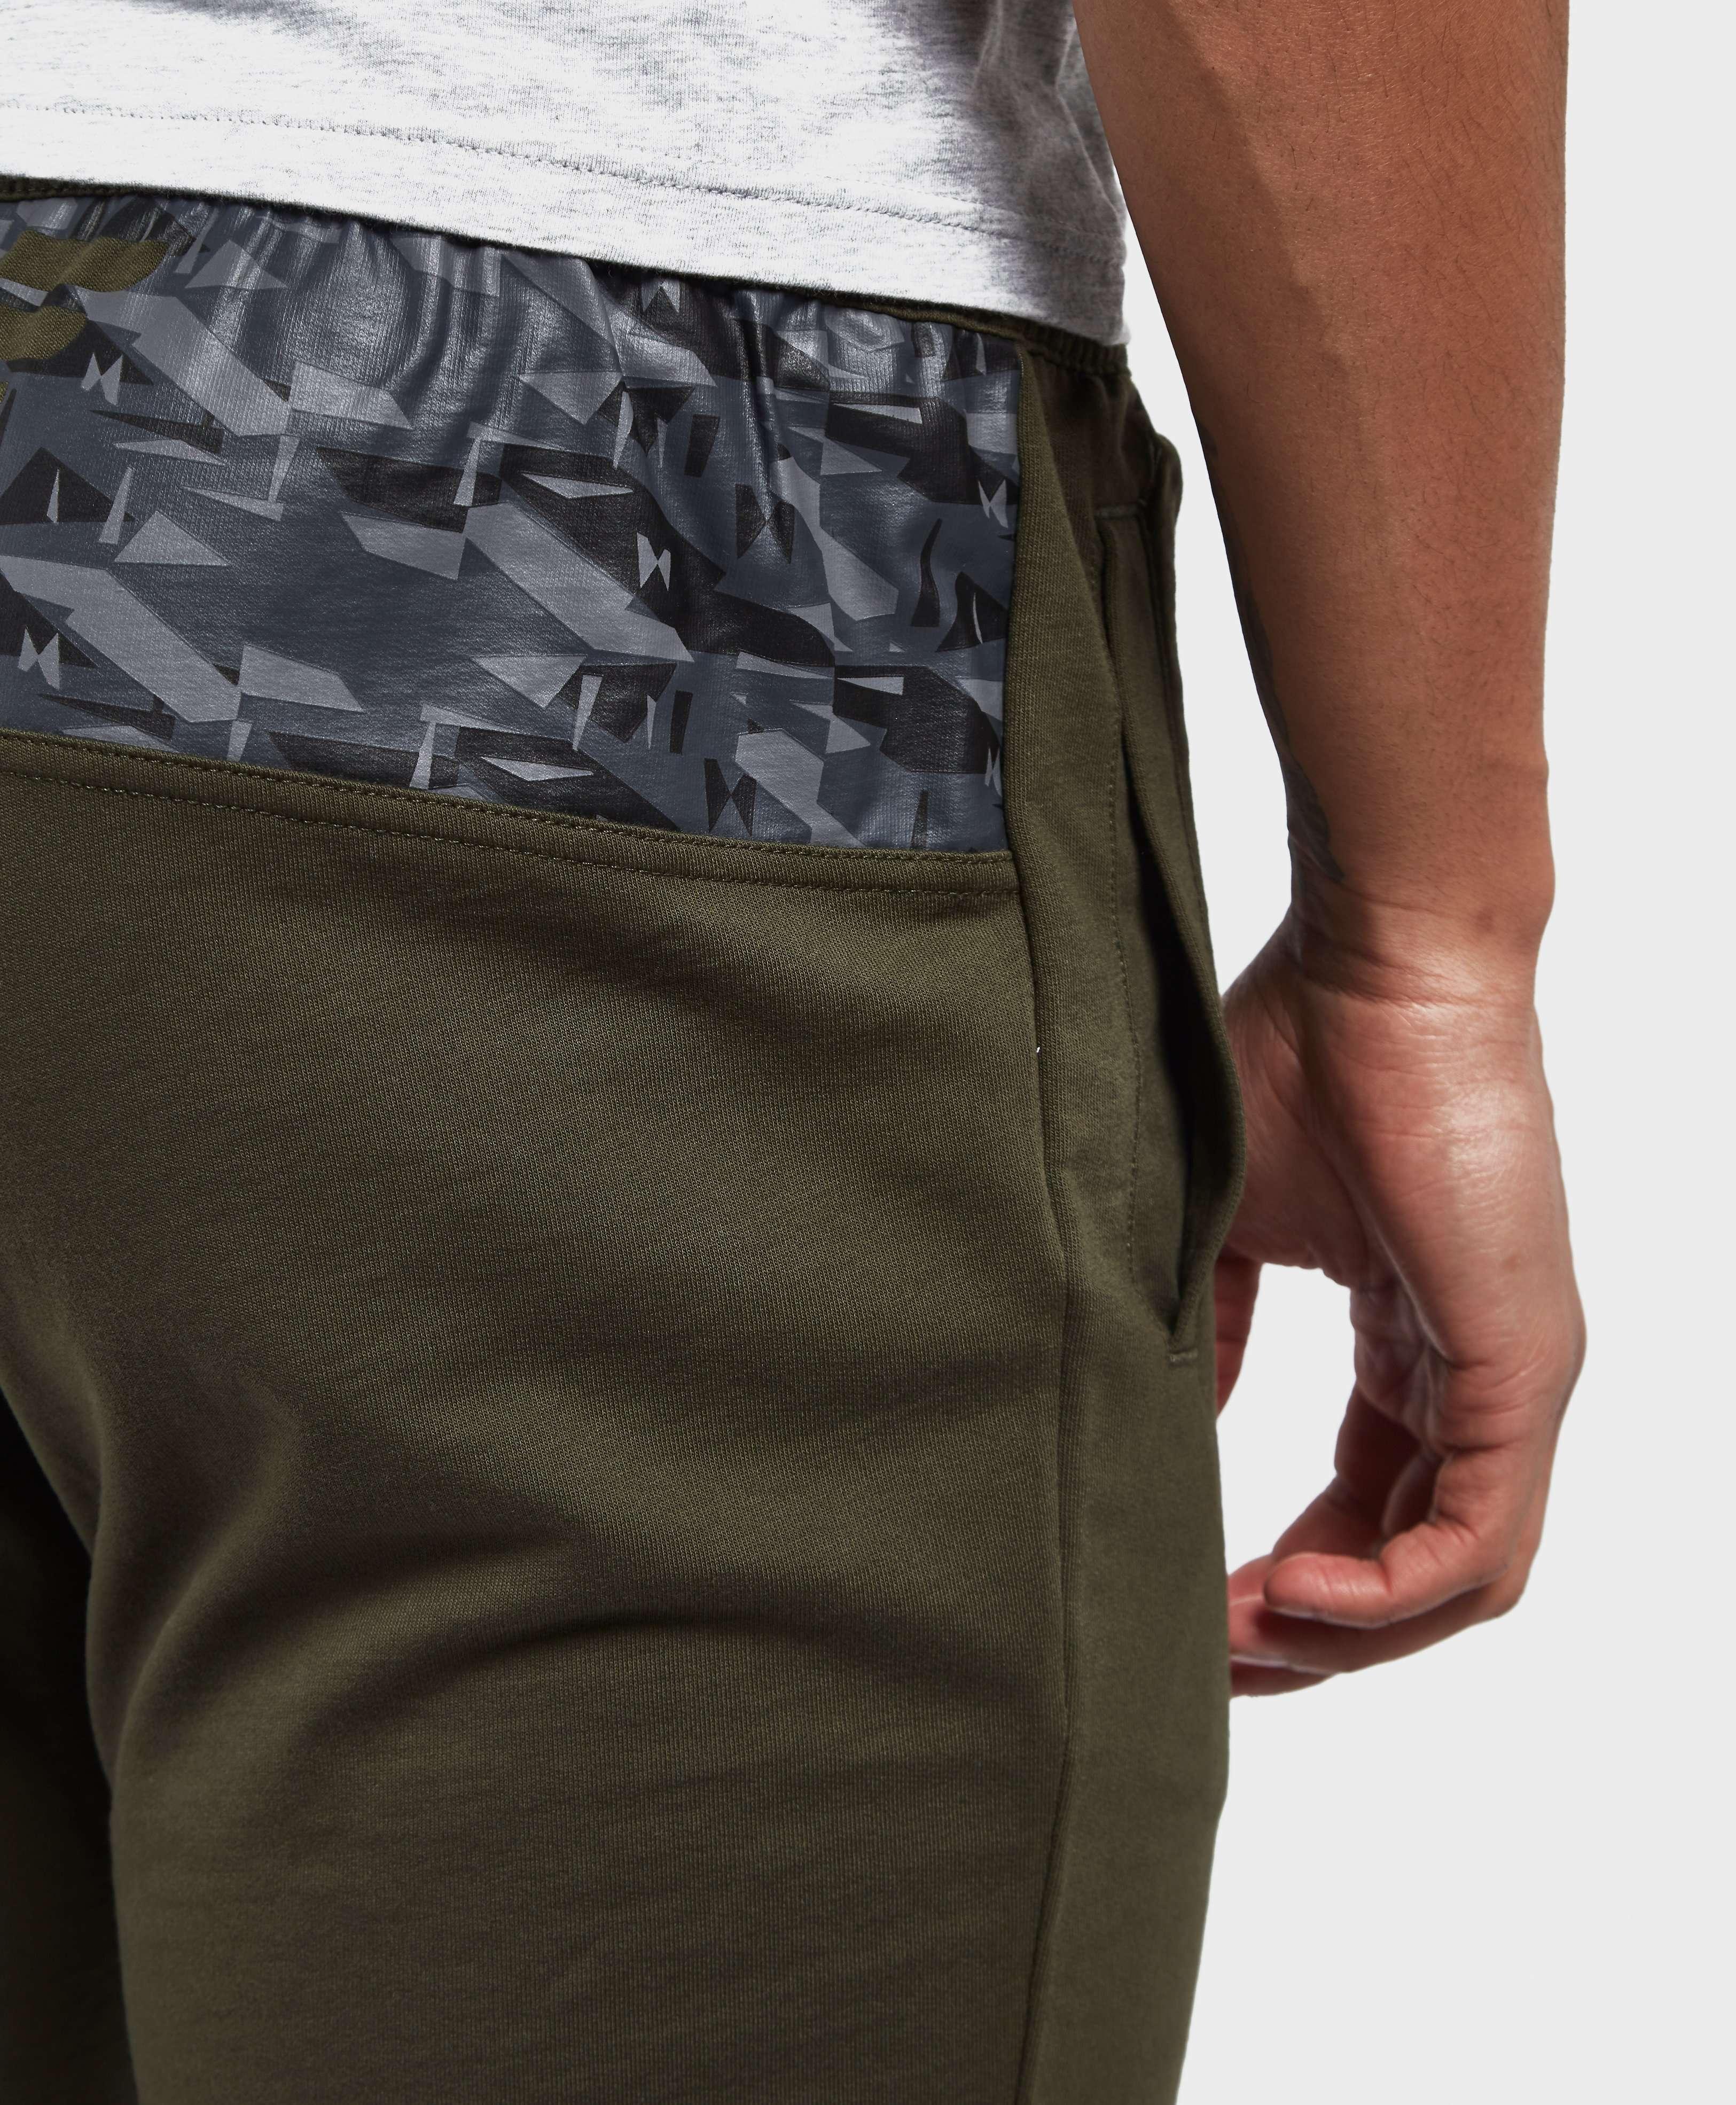 Emporio Armani EA7 Eagle Back Cuffed Track Pants